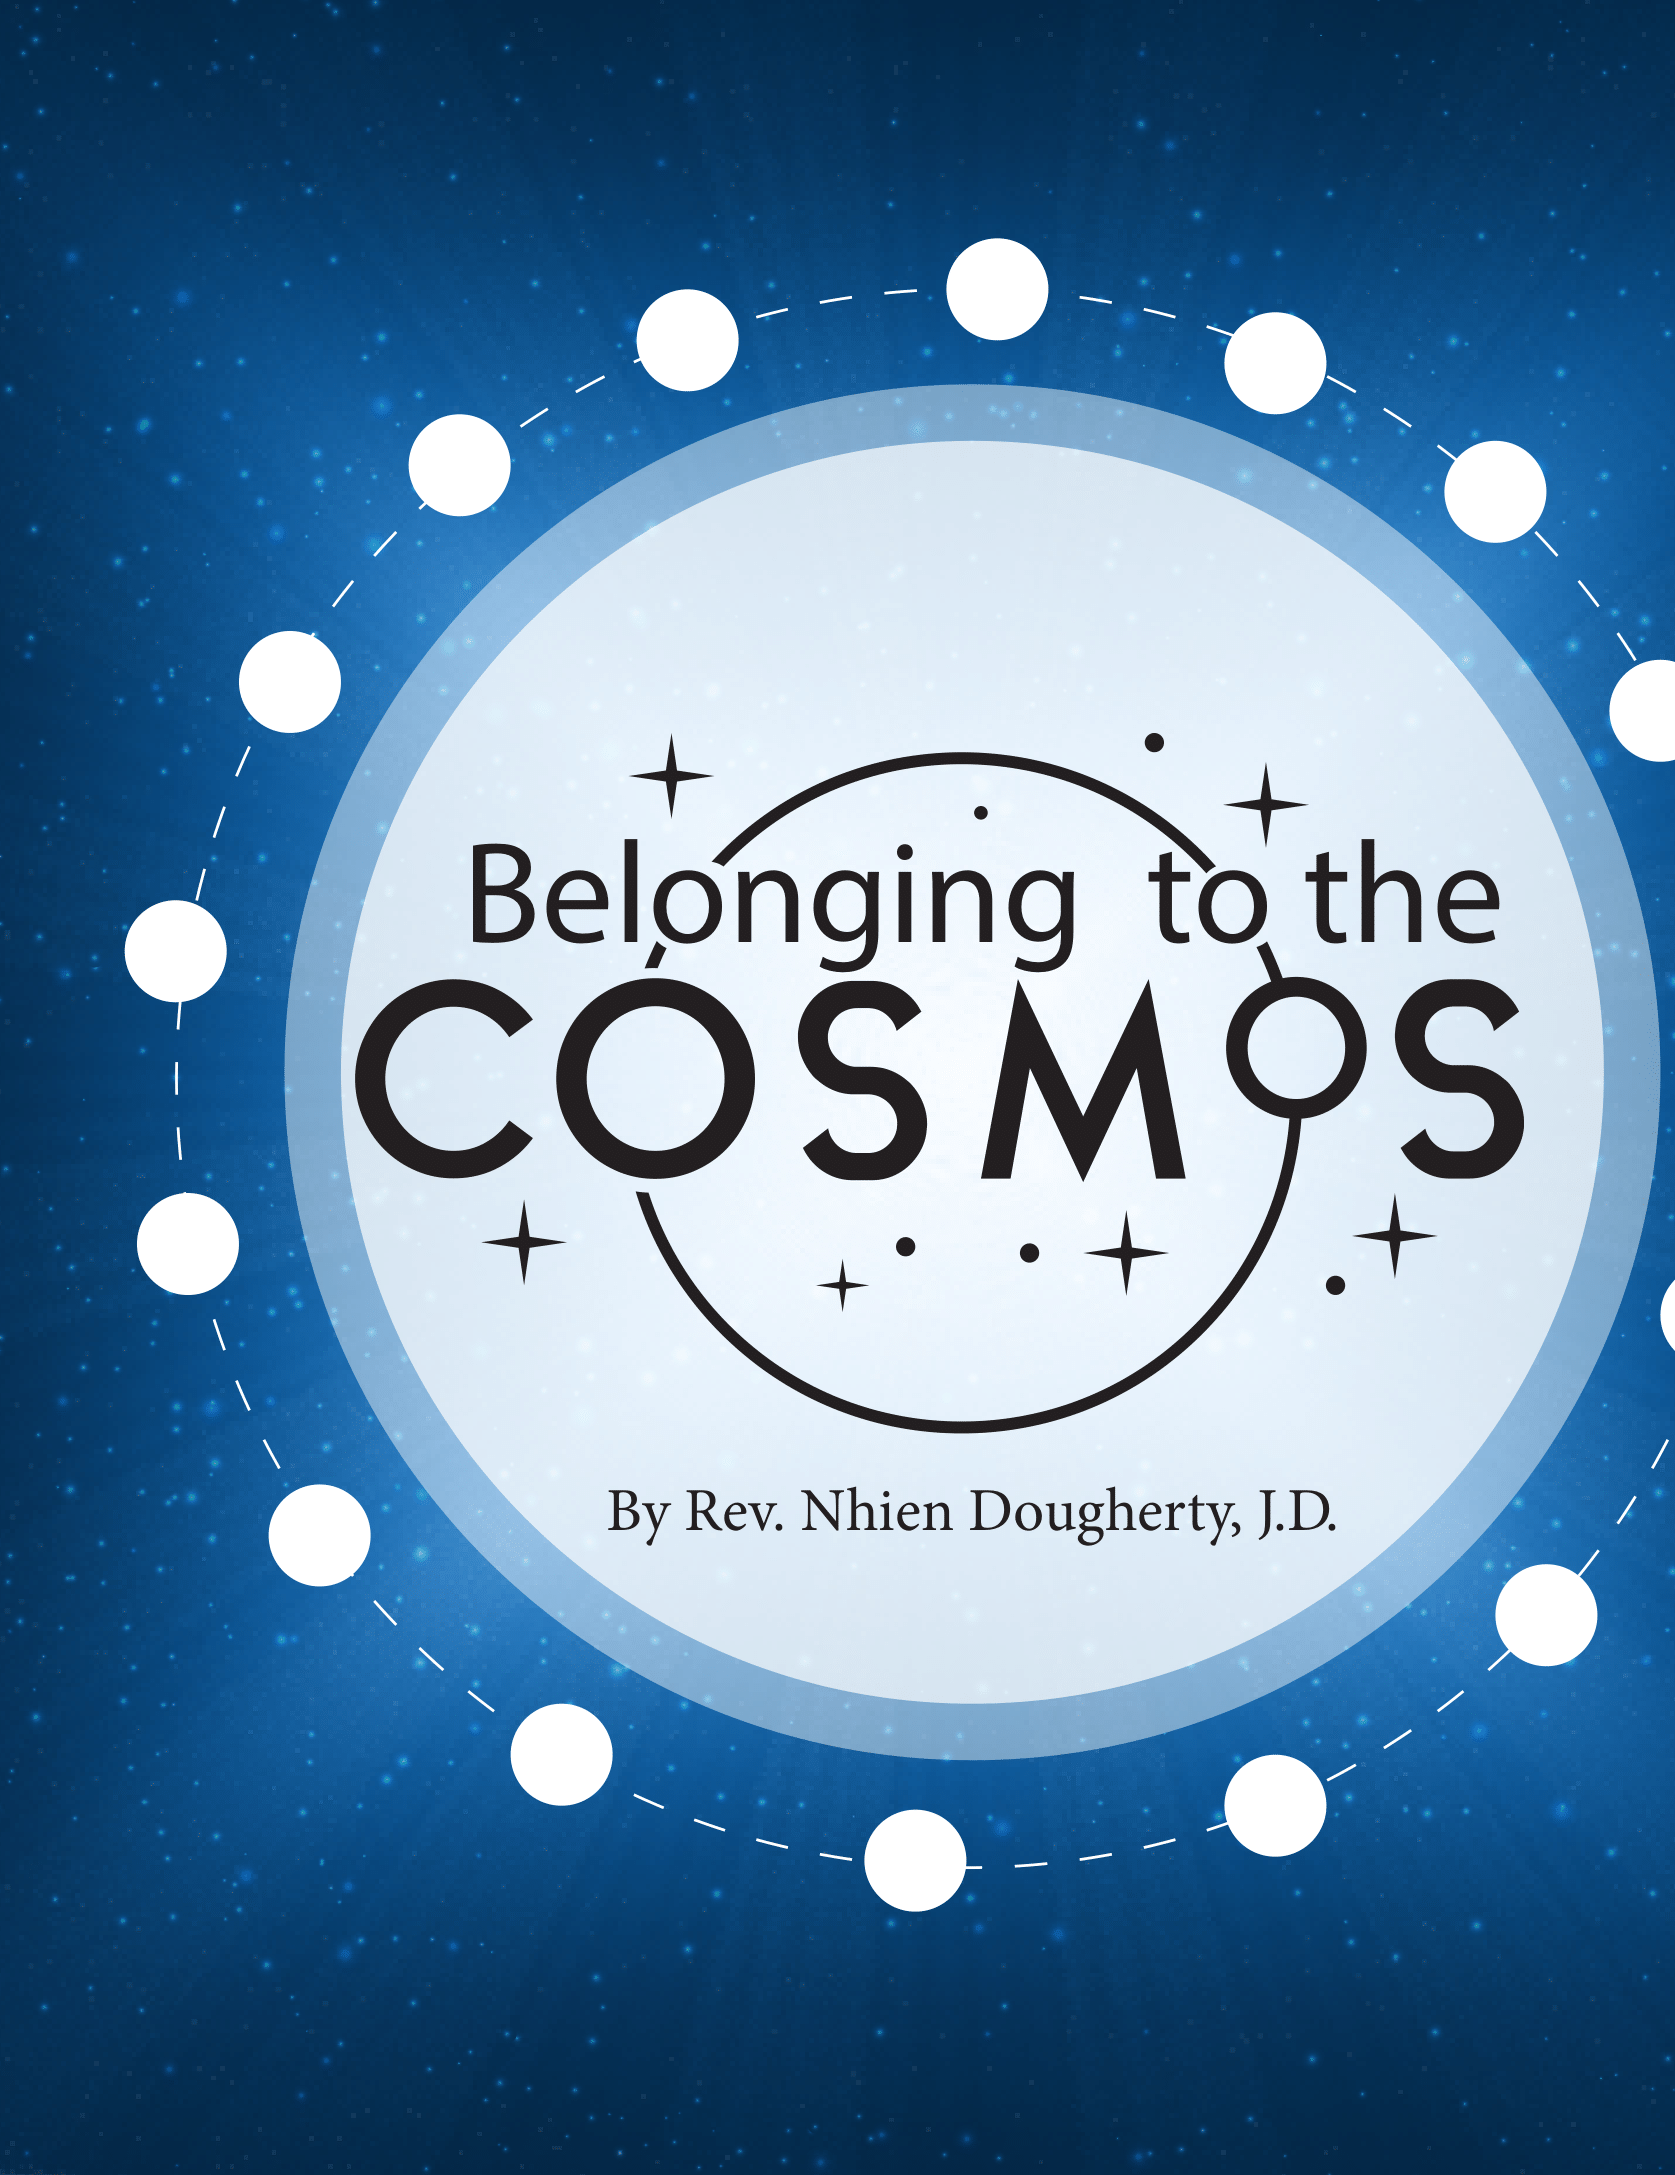 rev-nhien-vuong-dougherty-belonging-cosmos-1.png